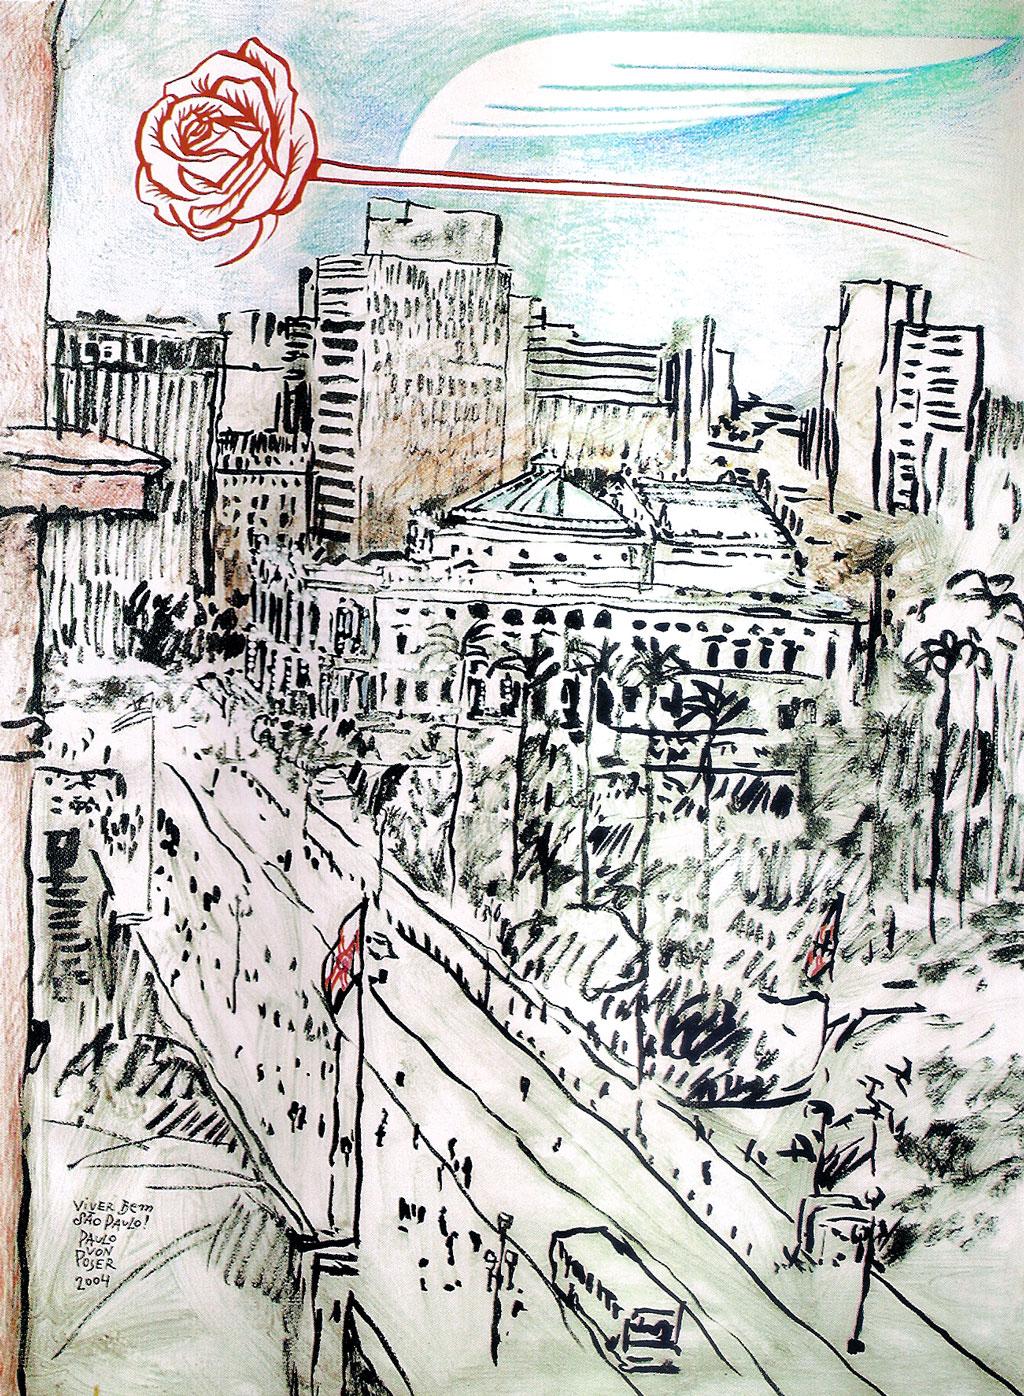 vistas.sp 2004 (7)